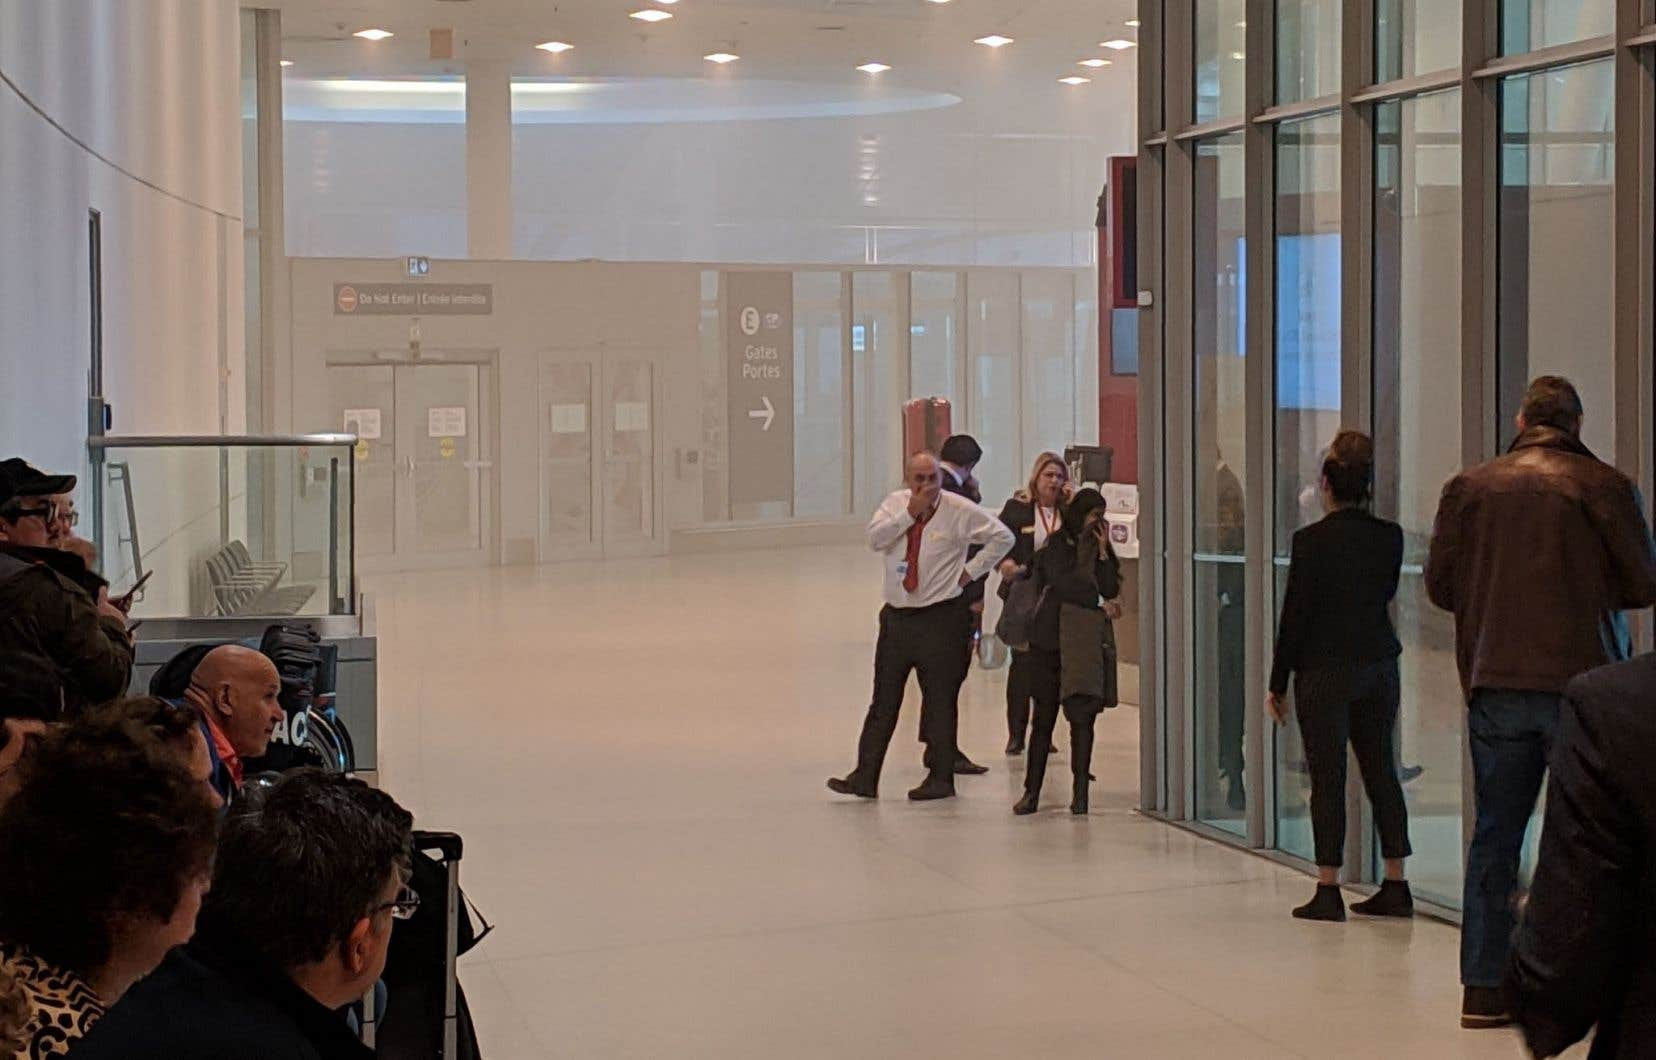 Des images publiées sur les médias sociaux montraient une épaisse fumée dans certaines parties de l'aéroport.